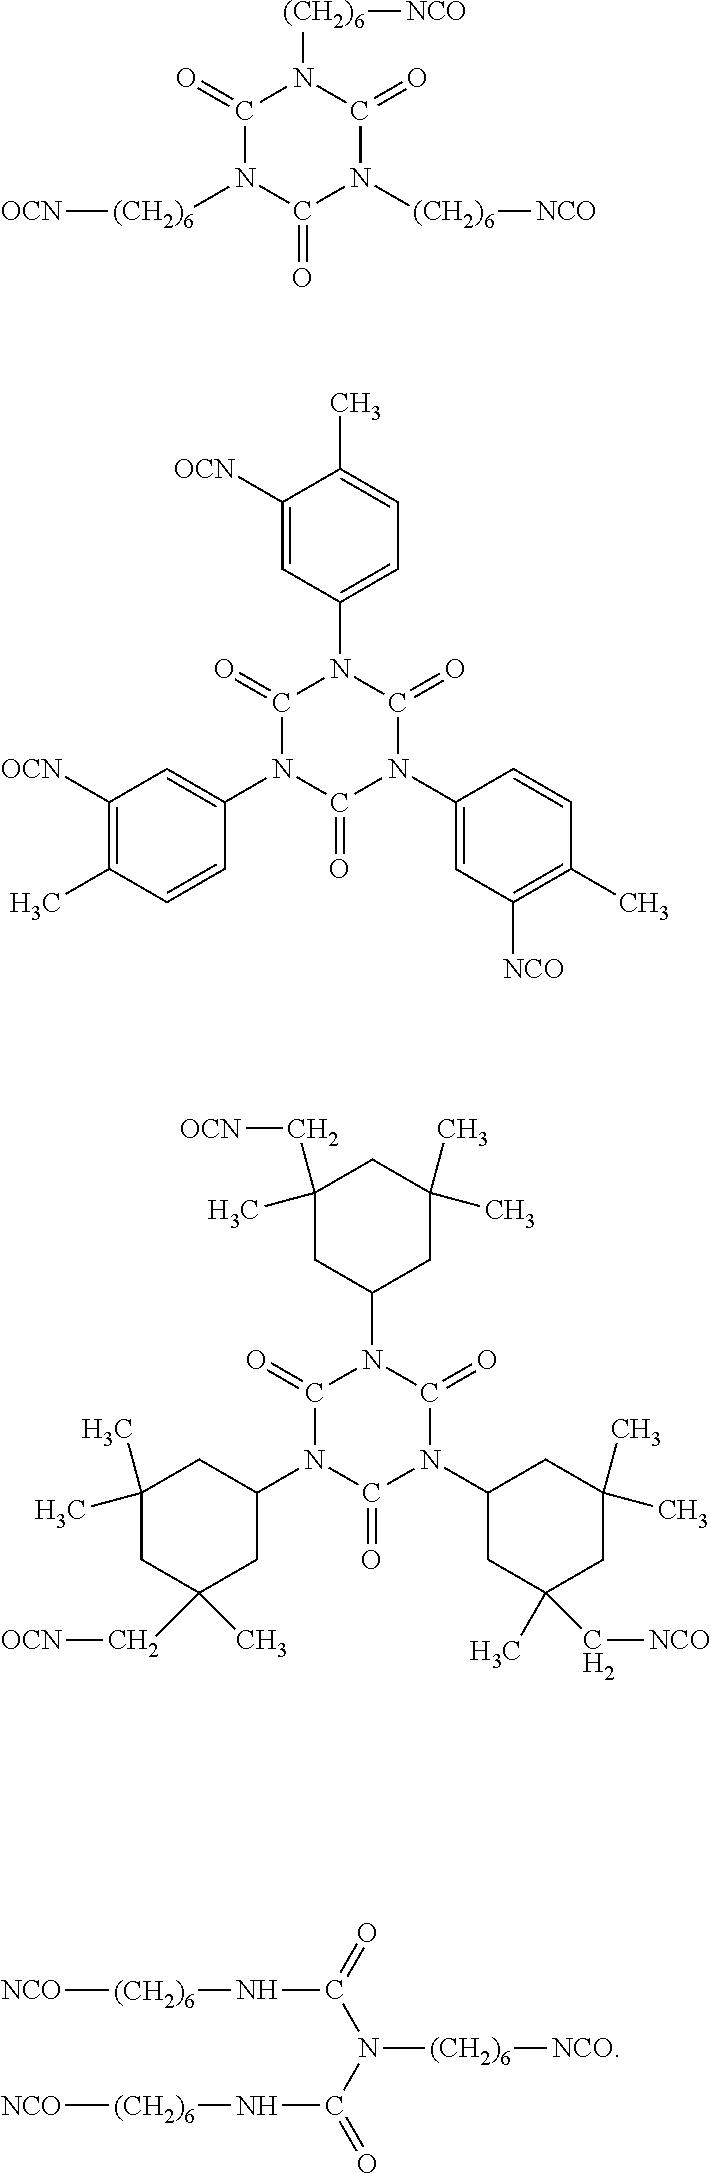 Figure US09982084-20180529-C00001